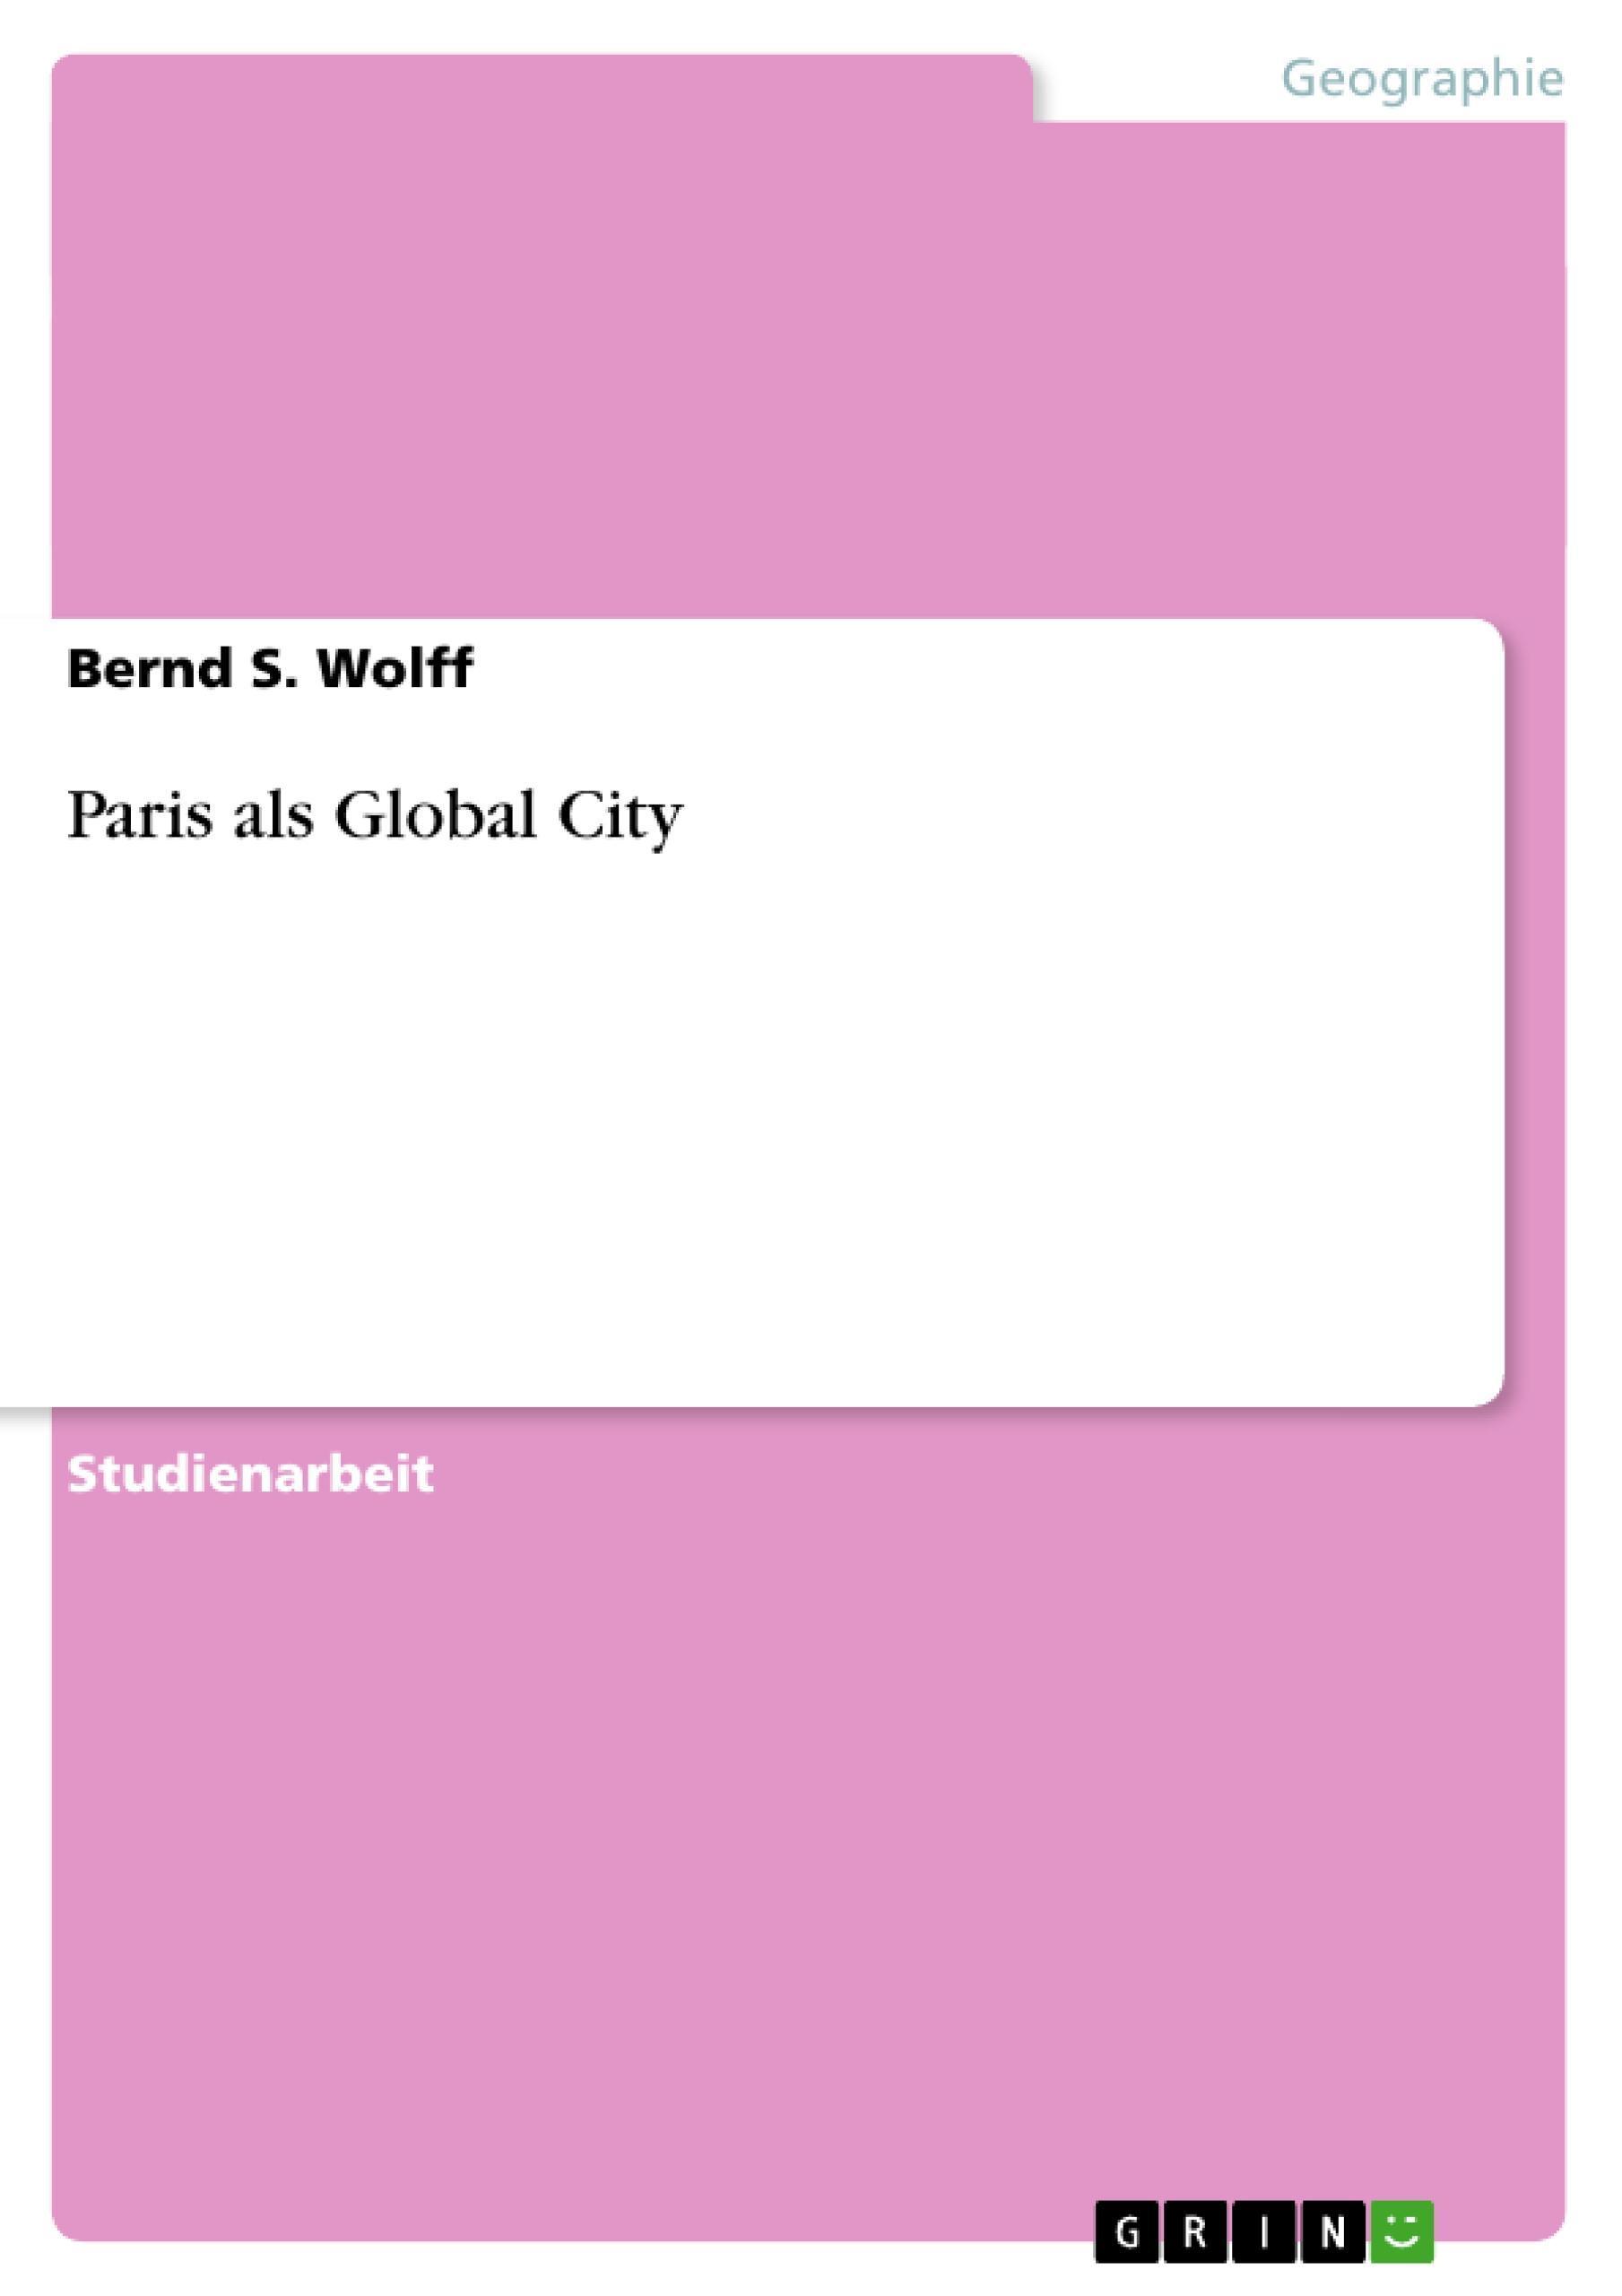 Bernd S. Wolff / Paris als Global City /  9783656089827